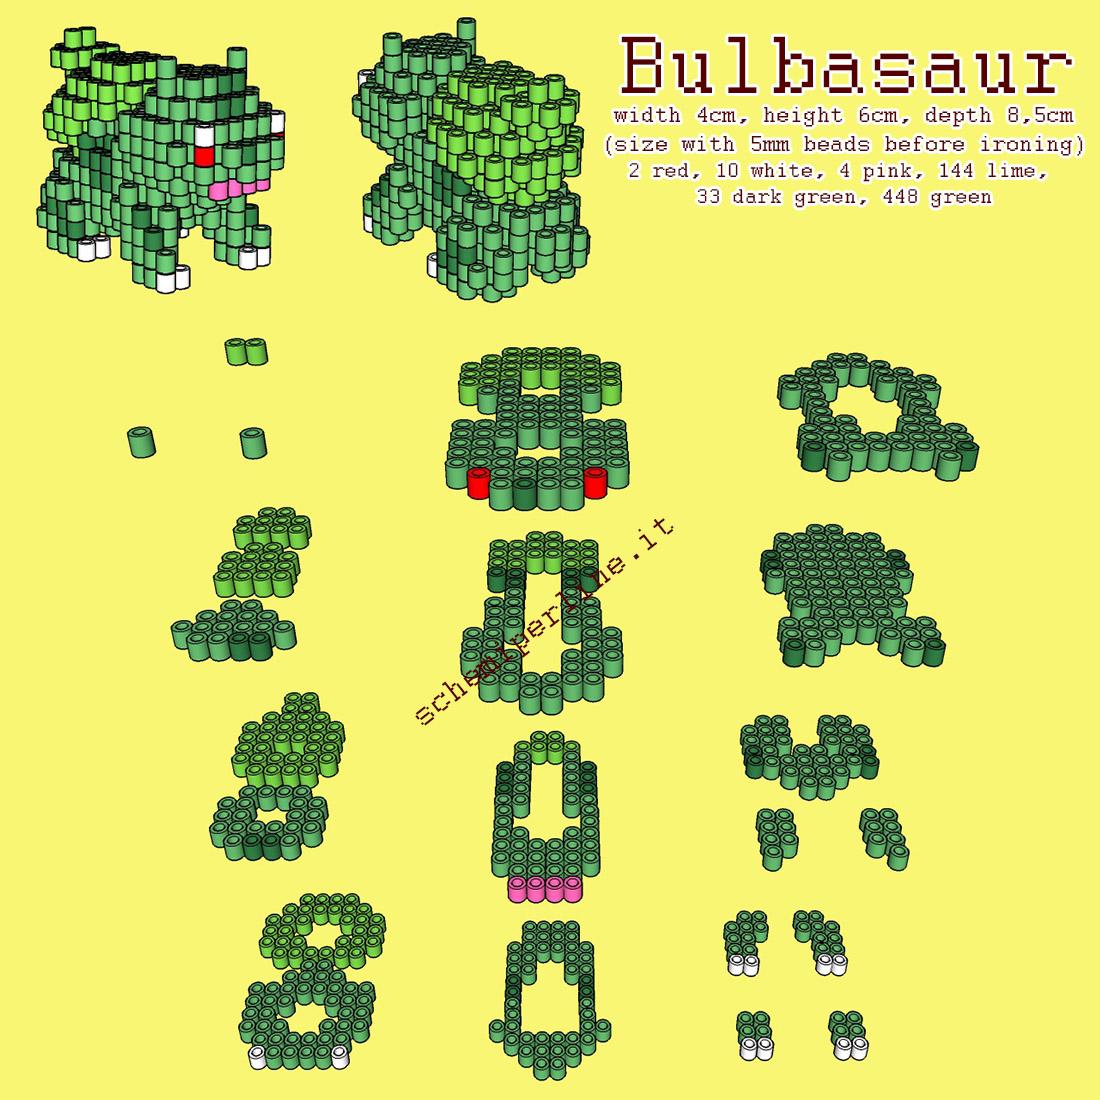 Il Pokemon Bulbasaur schema 3D con le perline da stirare Hama Beads